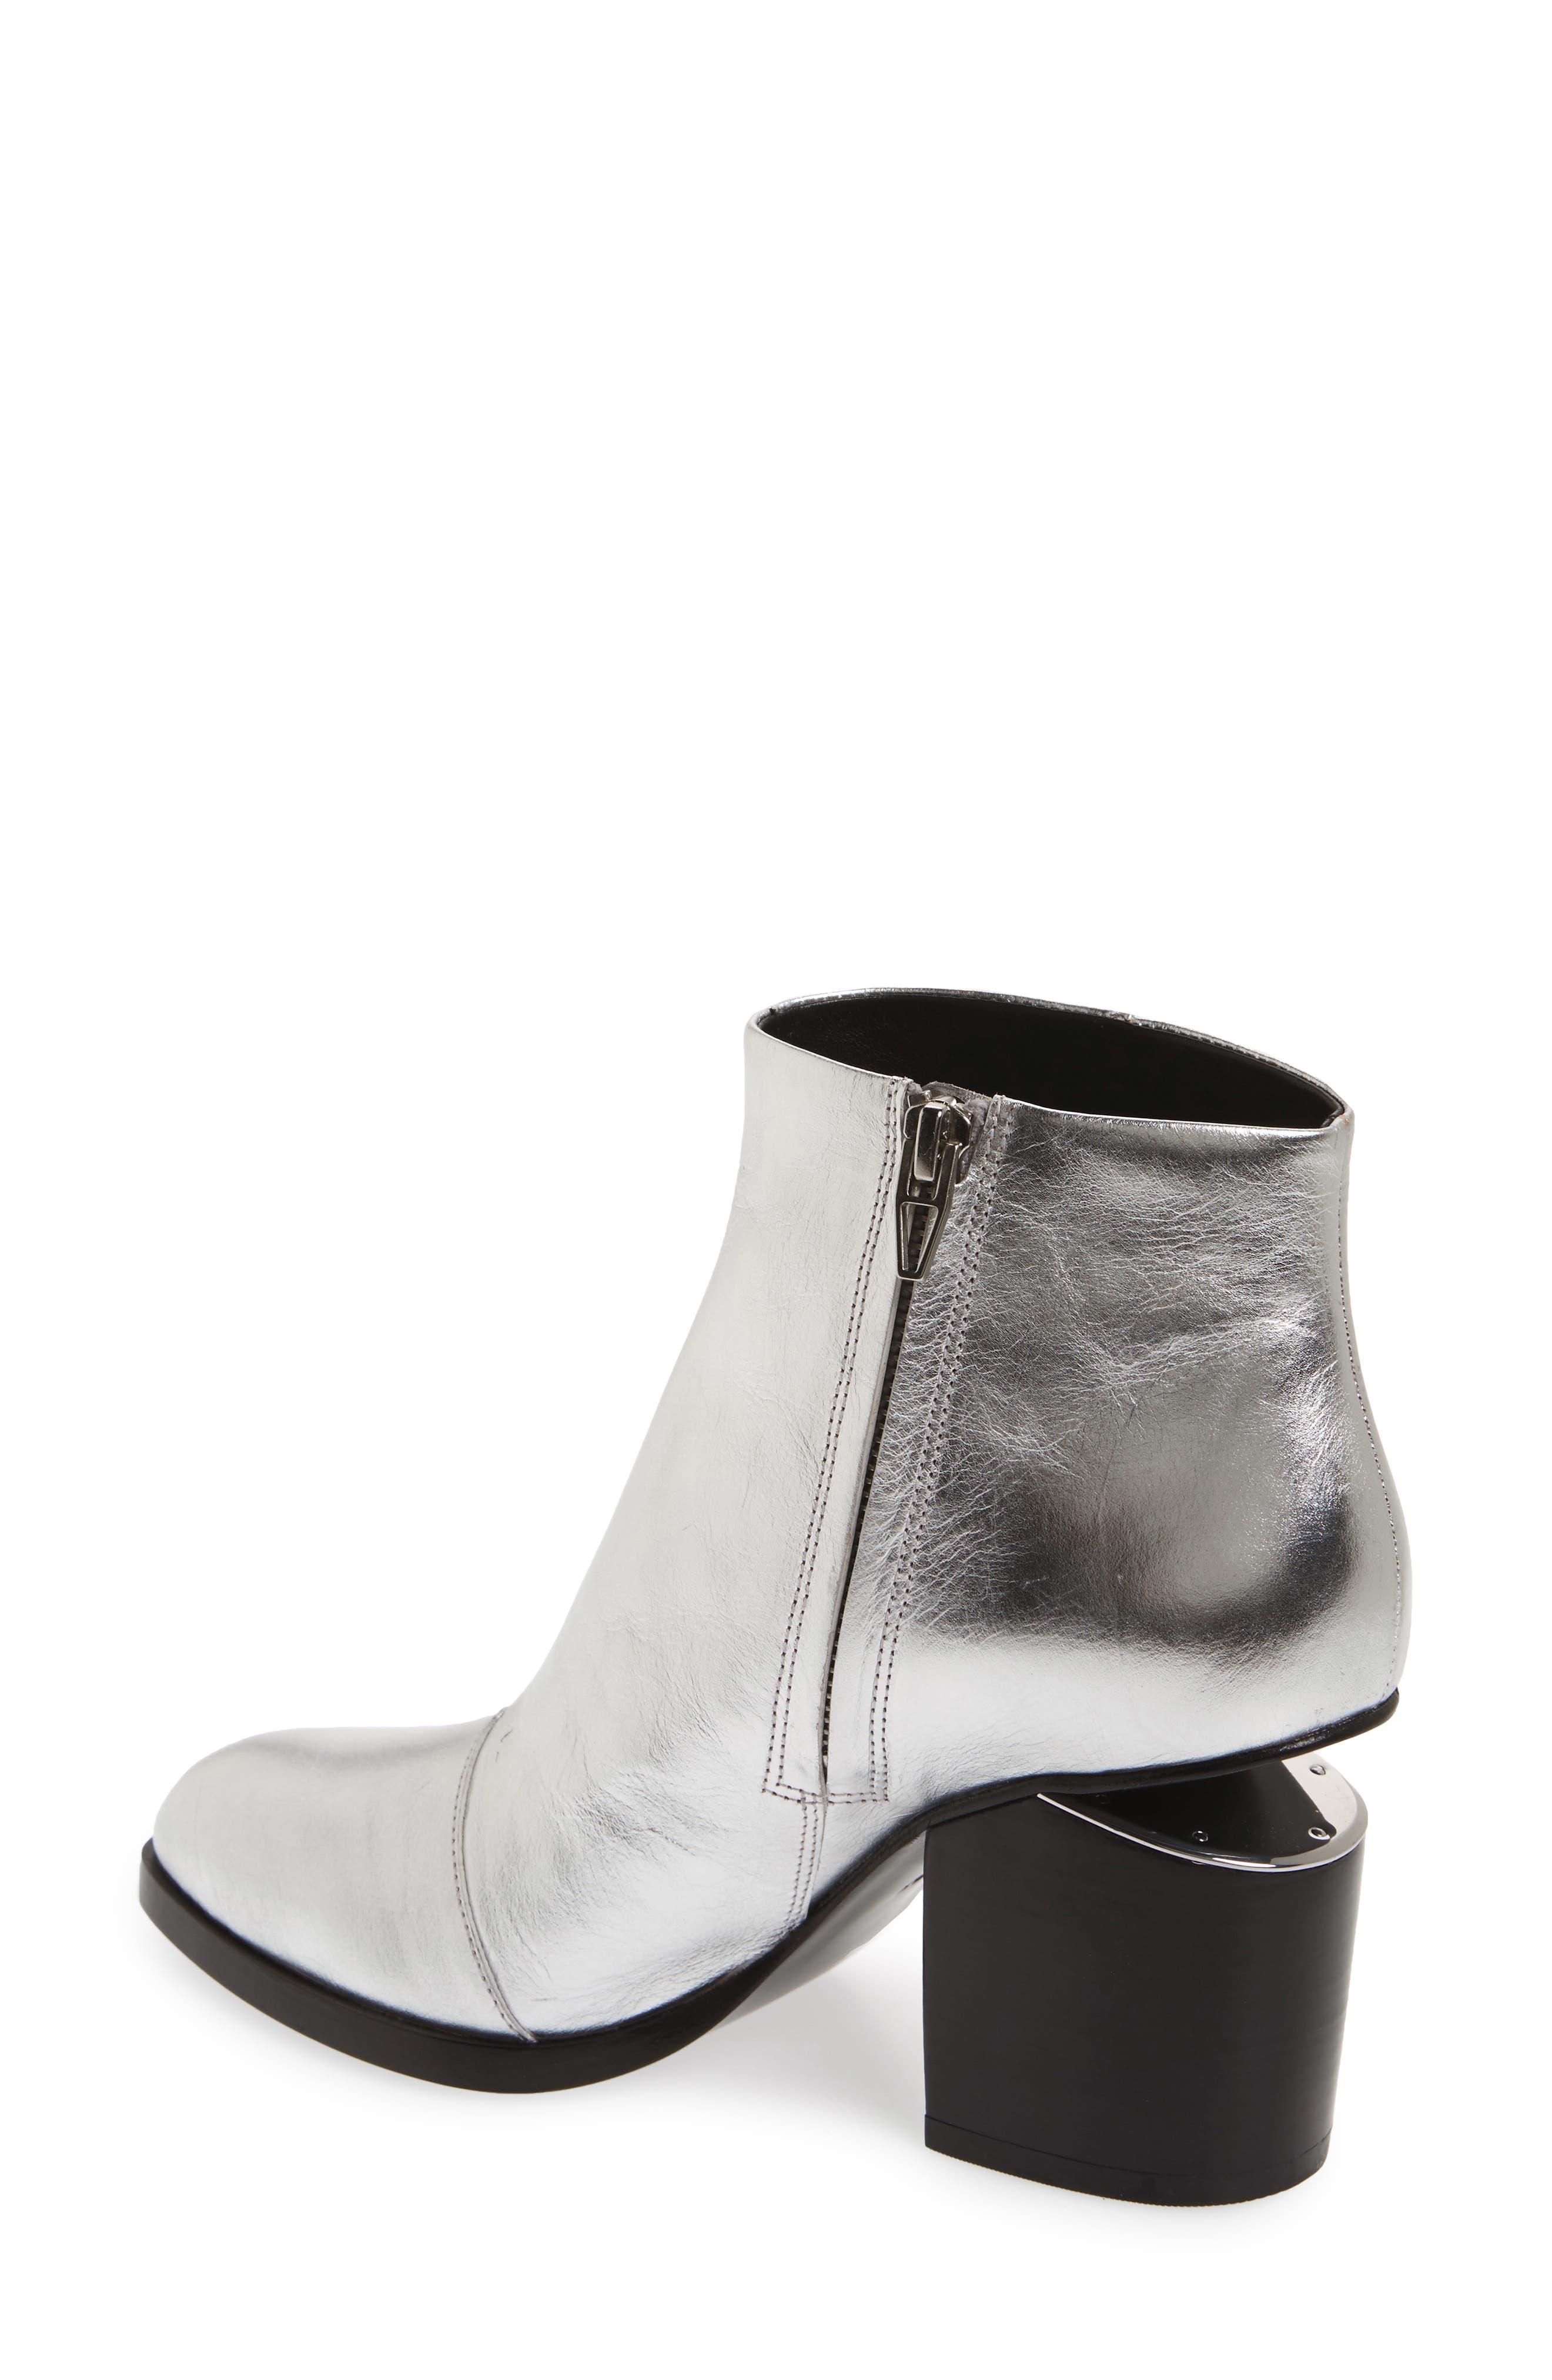 fbb221e1e9 Women s Boots Sale